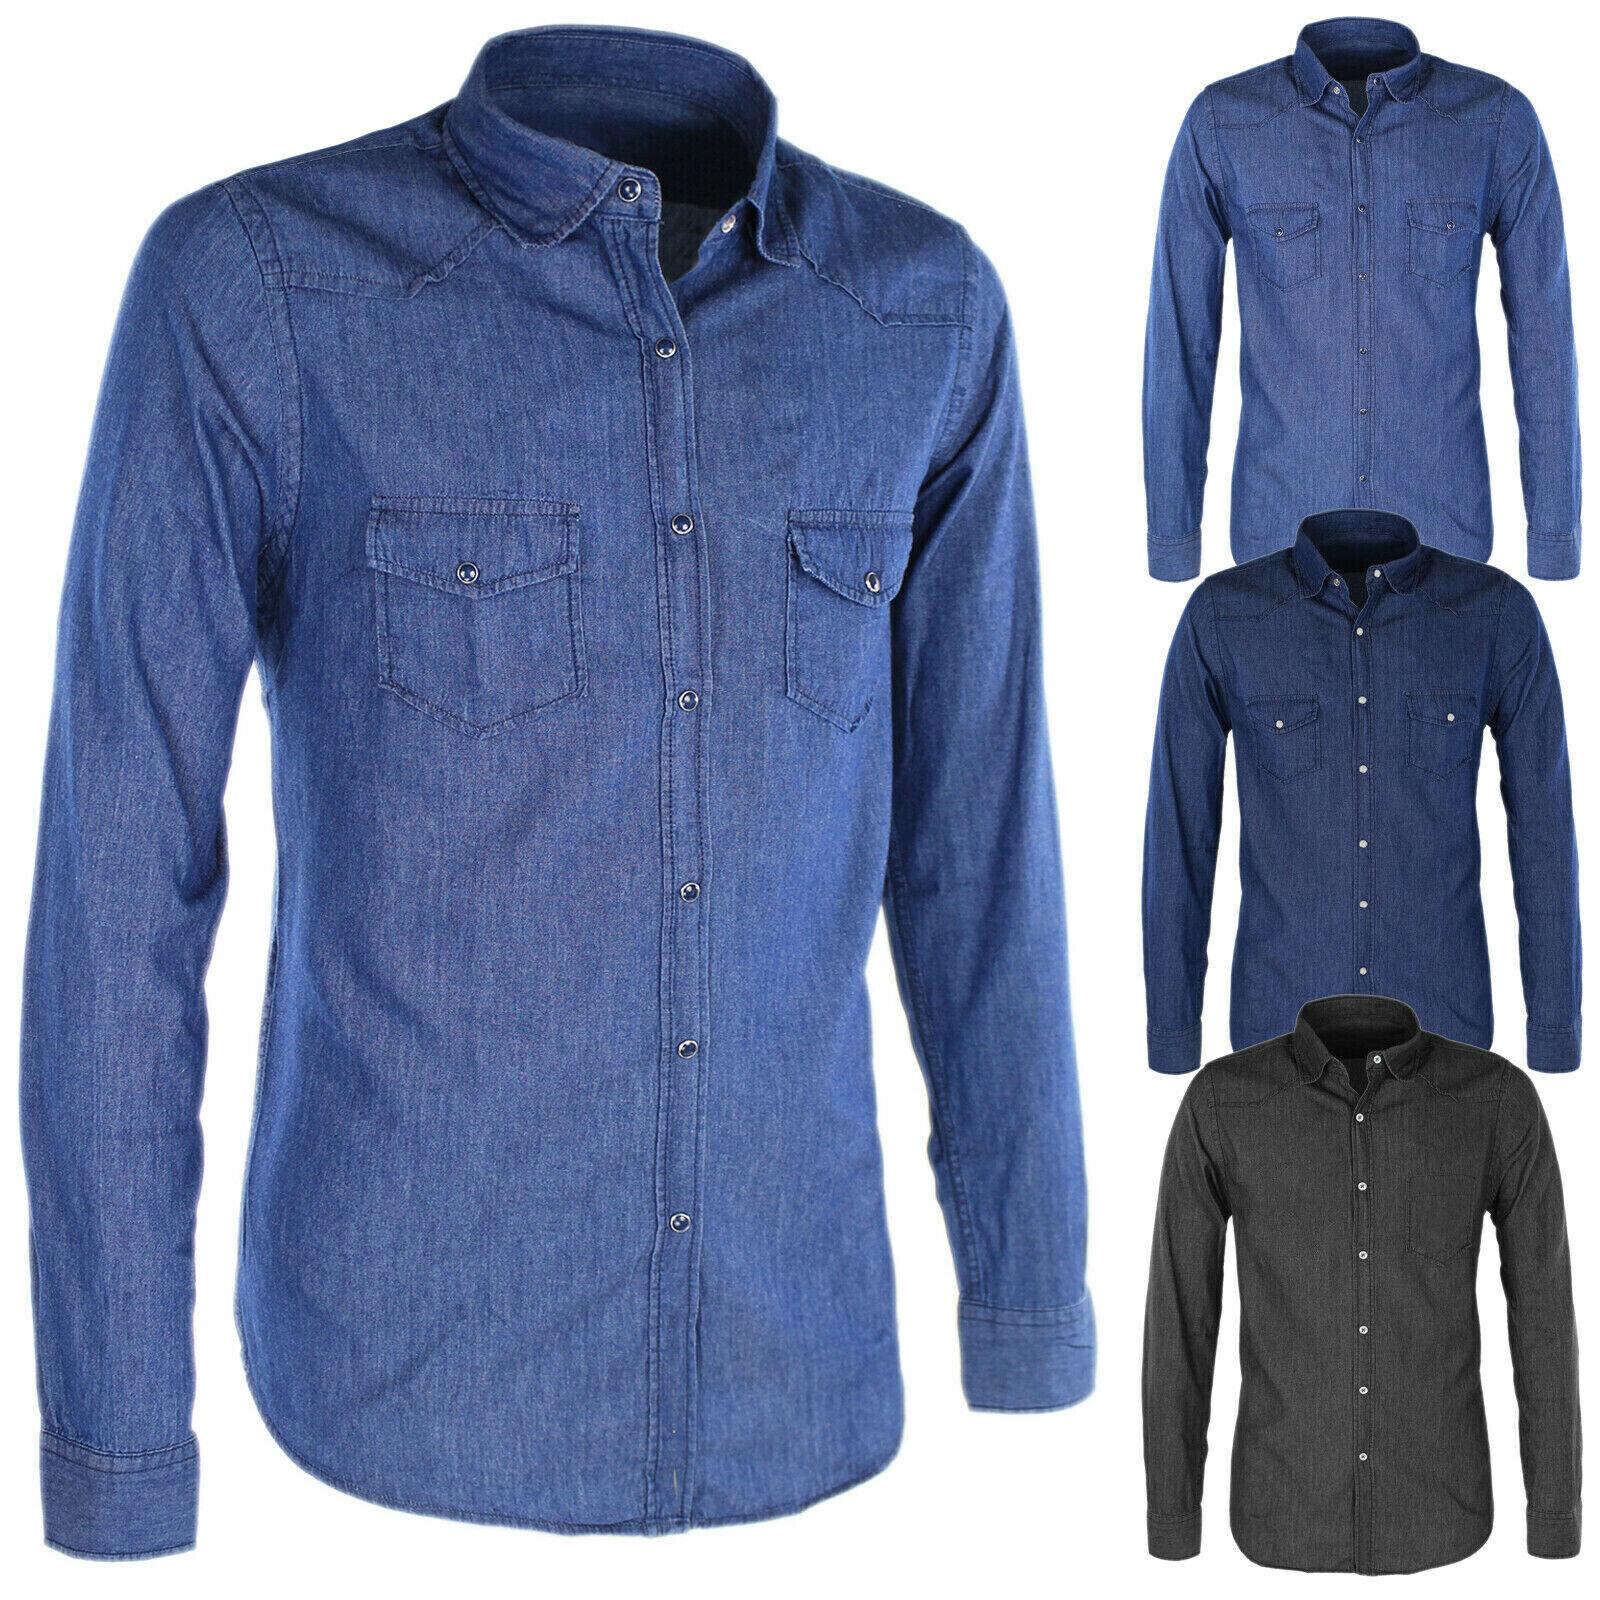 Dettagli su Camicia Uomo Di Jeans Cotone Casual Slim Fit Collo coreana e Colletto Regolare